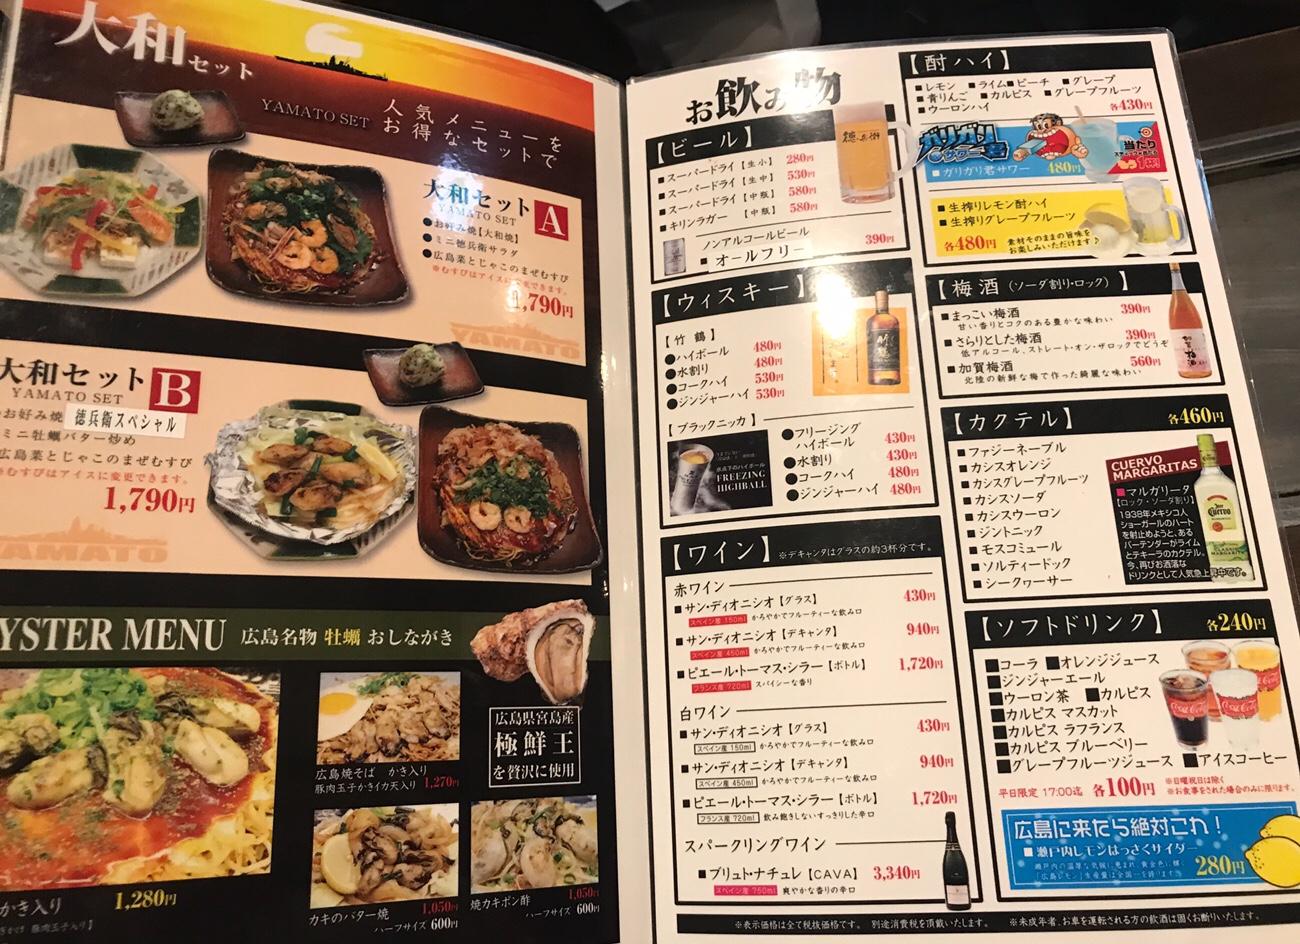 お好み焼き鉄板焼き徳兵衛 メニュー 呉駅